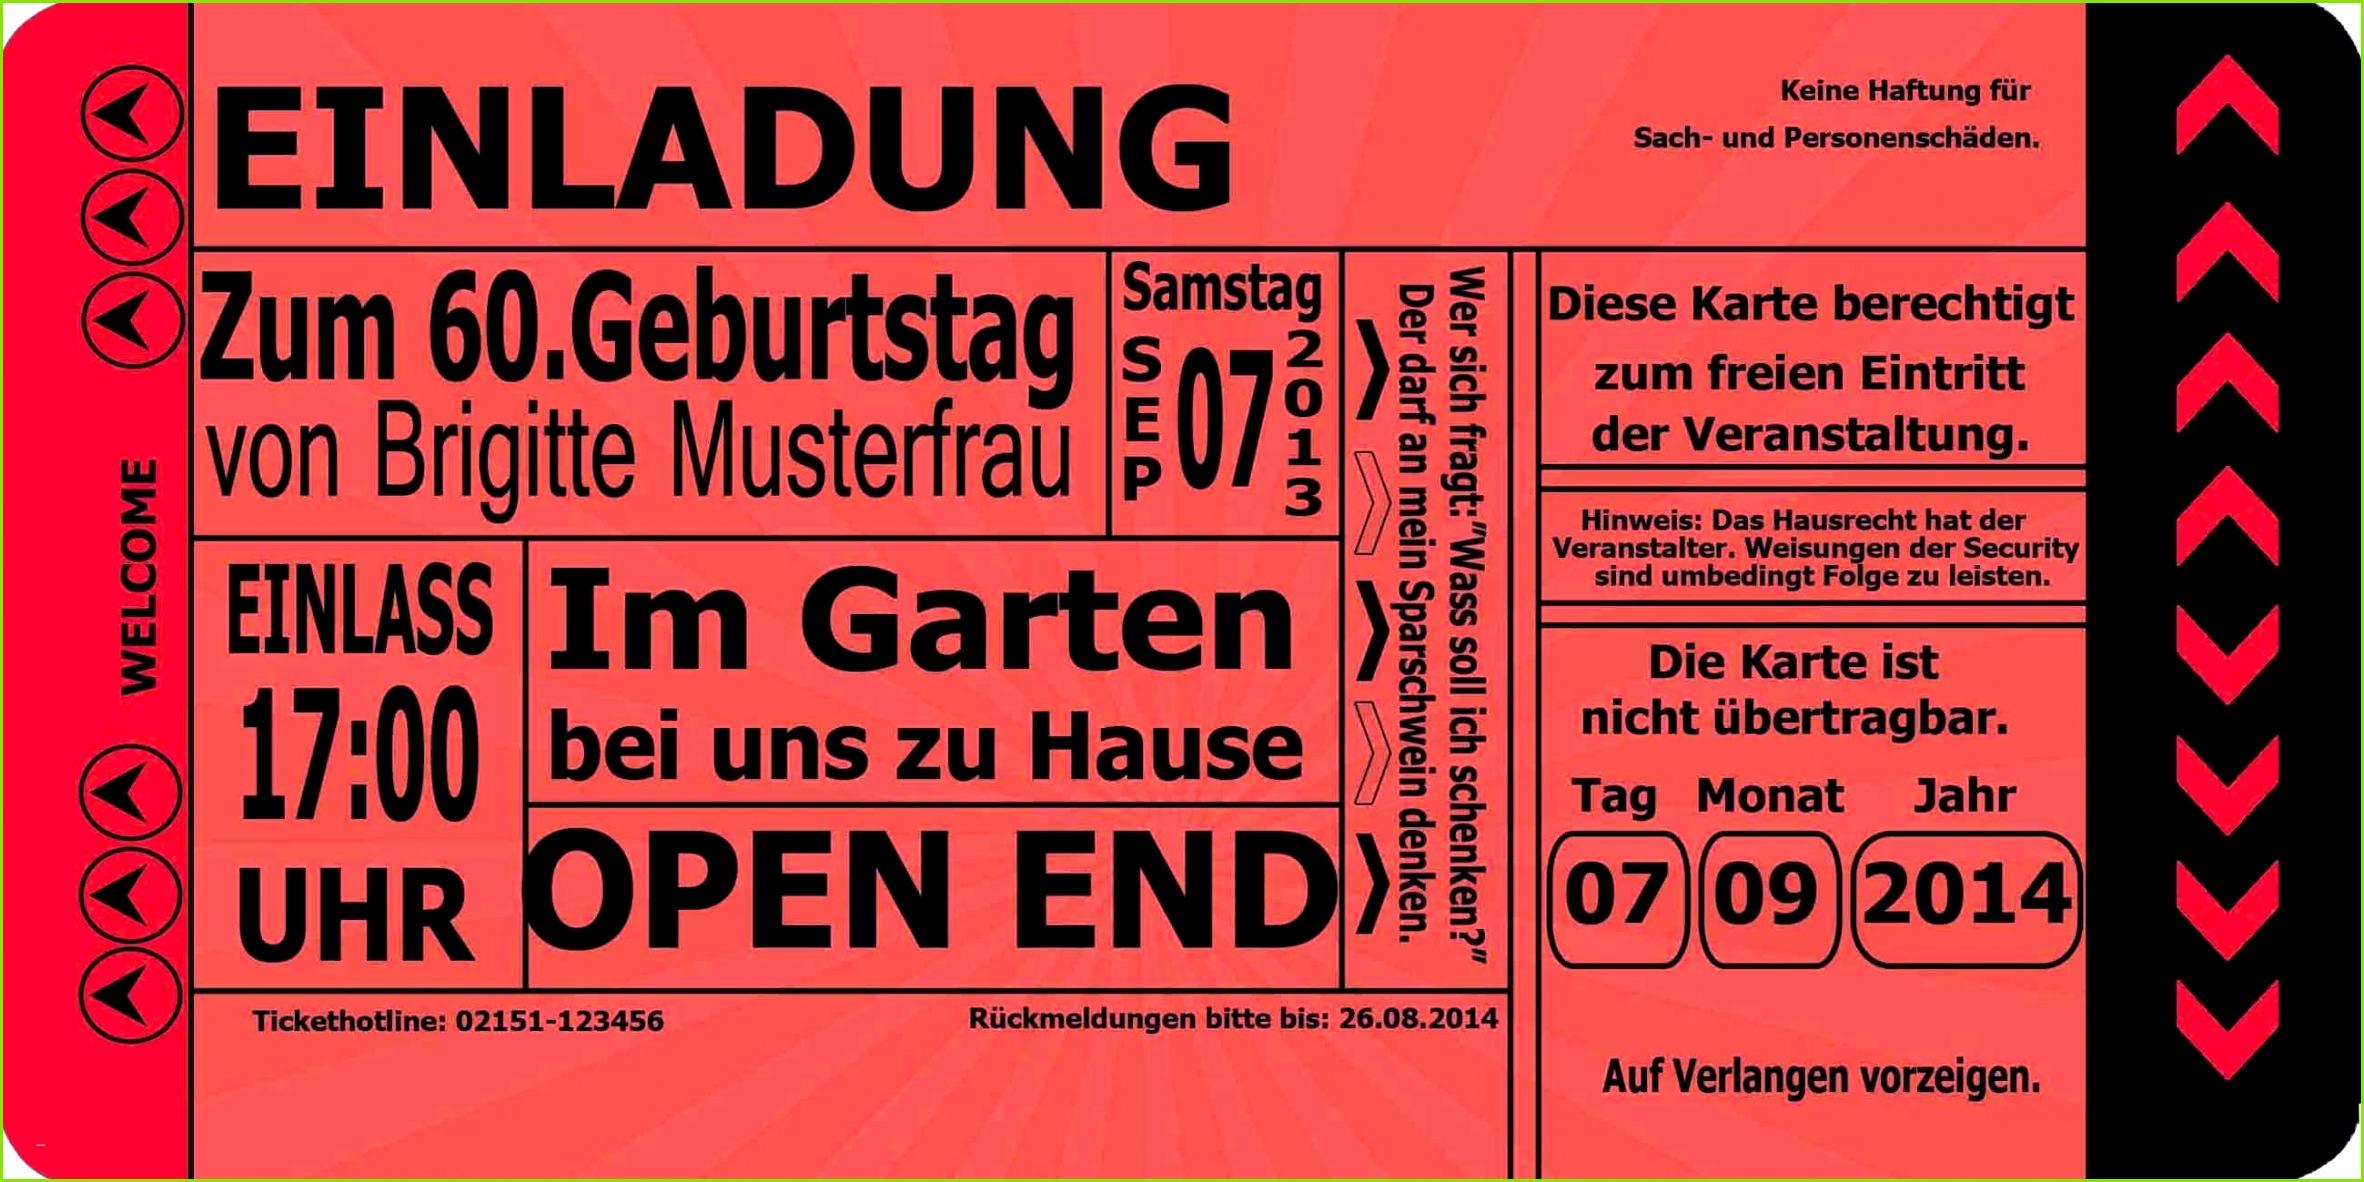 Gallery Einladungskarten 50 Geburtstag Kostenlos Einladungskarten Vorlagen Geburtstag Vorlagen Einladungen 0d